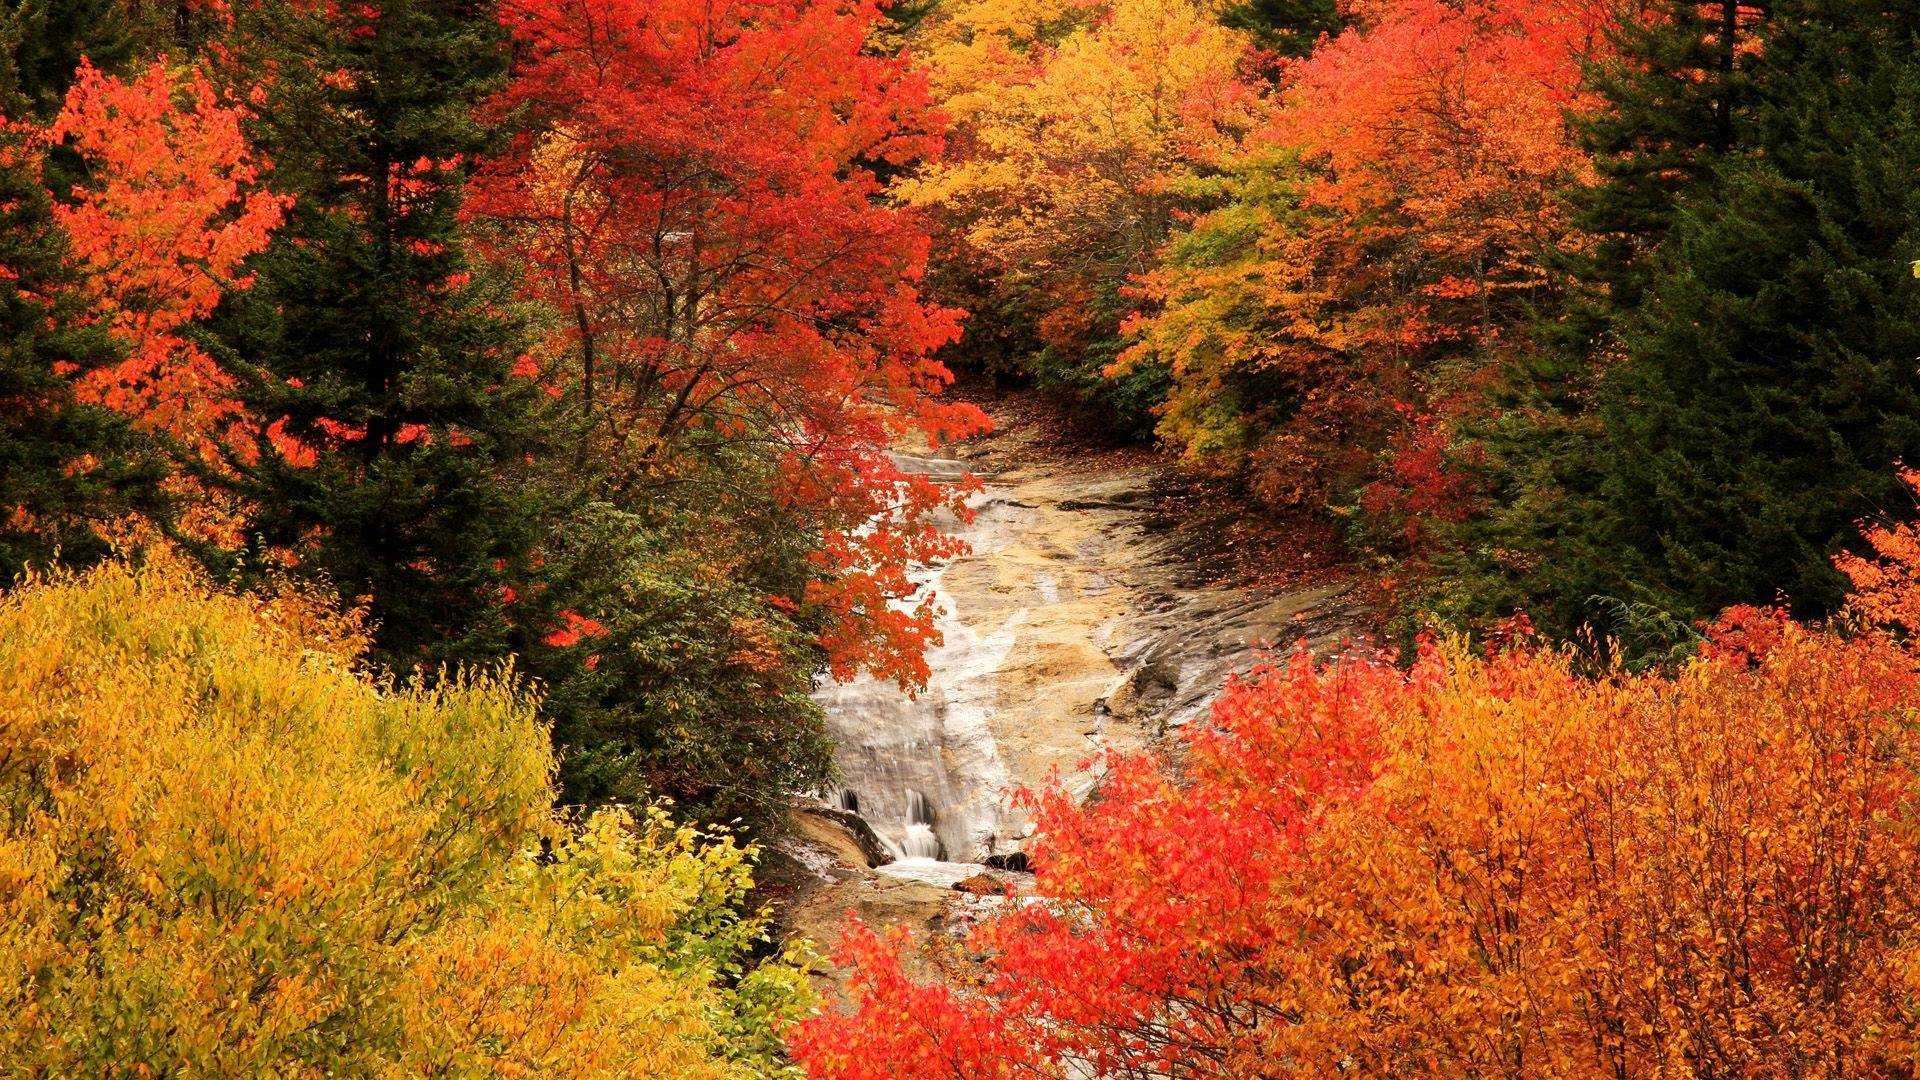 1200x1600 Wallpaper Hd: Beautiful Fall Backgrounds